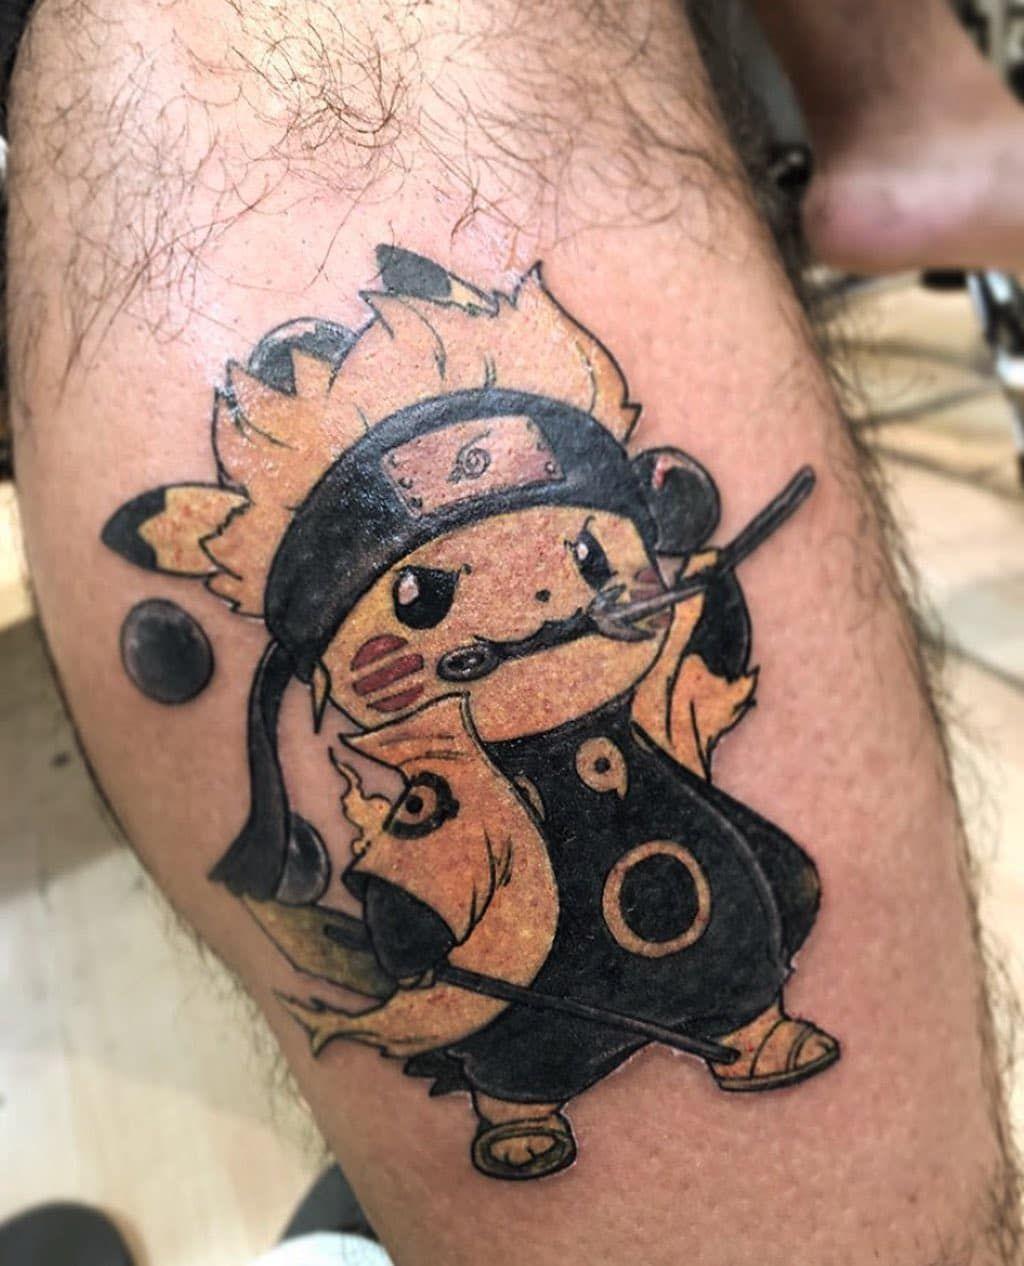 50 Pokeball Tattoo Designs For Men Pokemon Ink Ideas Pokeball Tattoo Gaming Tattoo Pokemon Tattoo